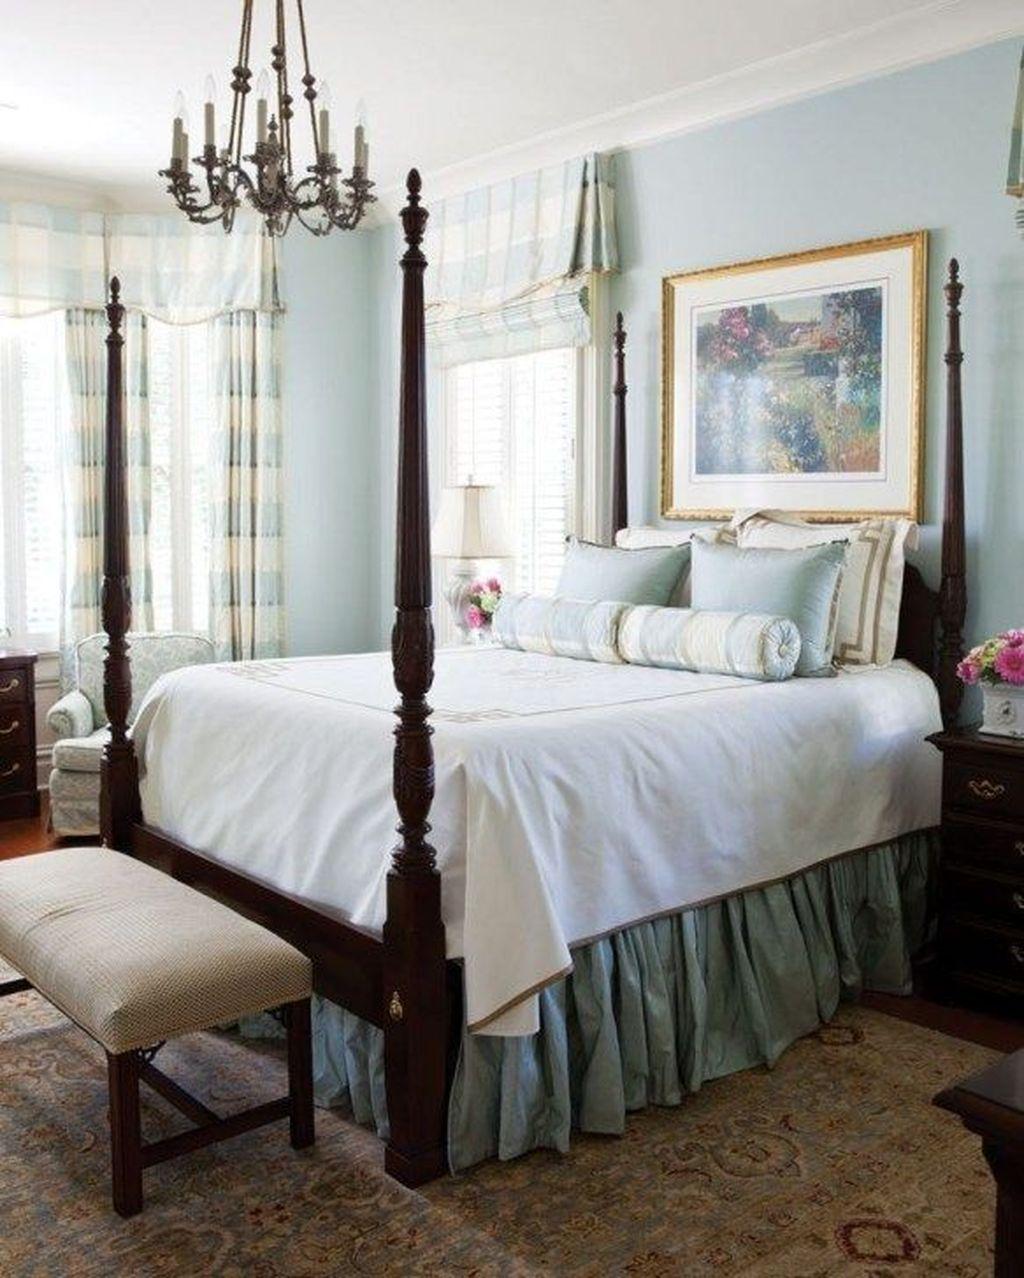 Inspiring Traditional Bedroom Decor Ideas 10